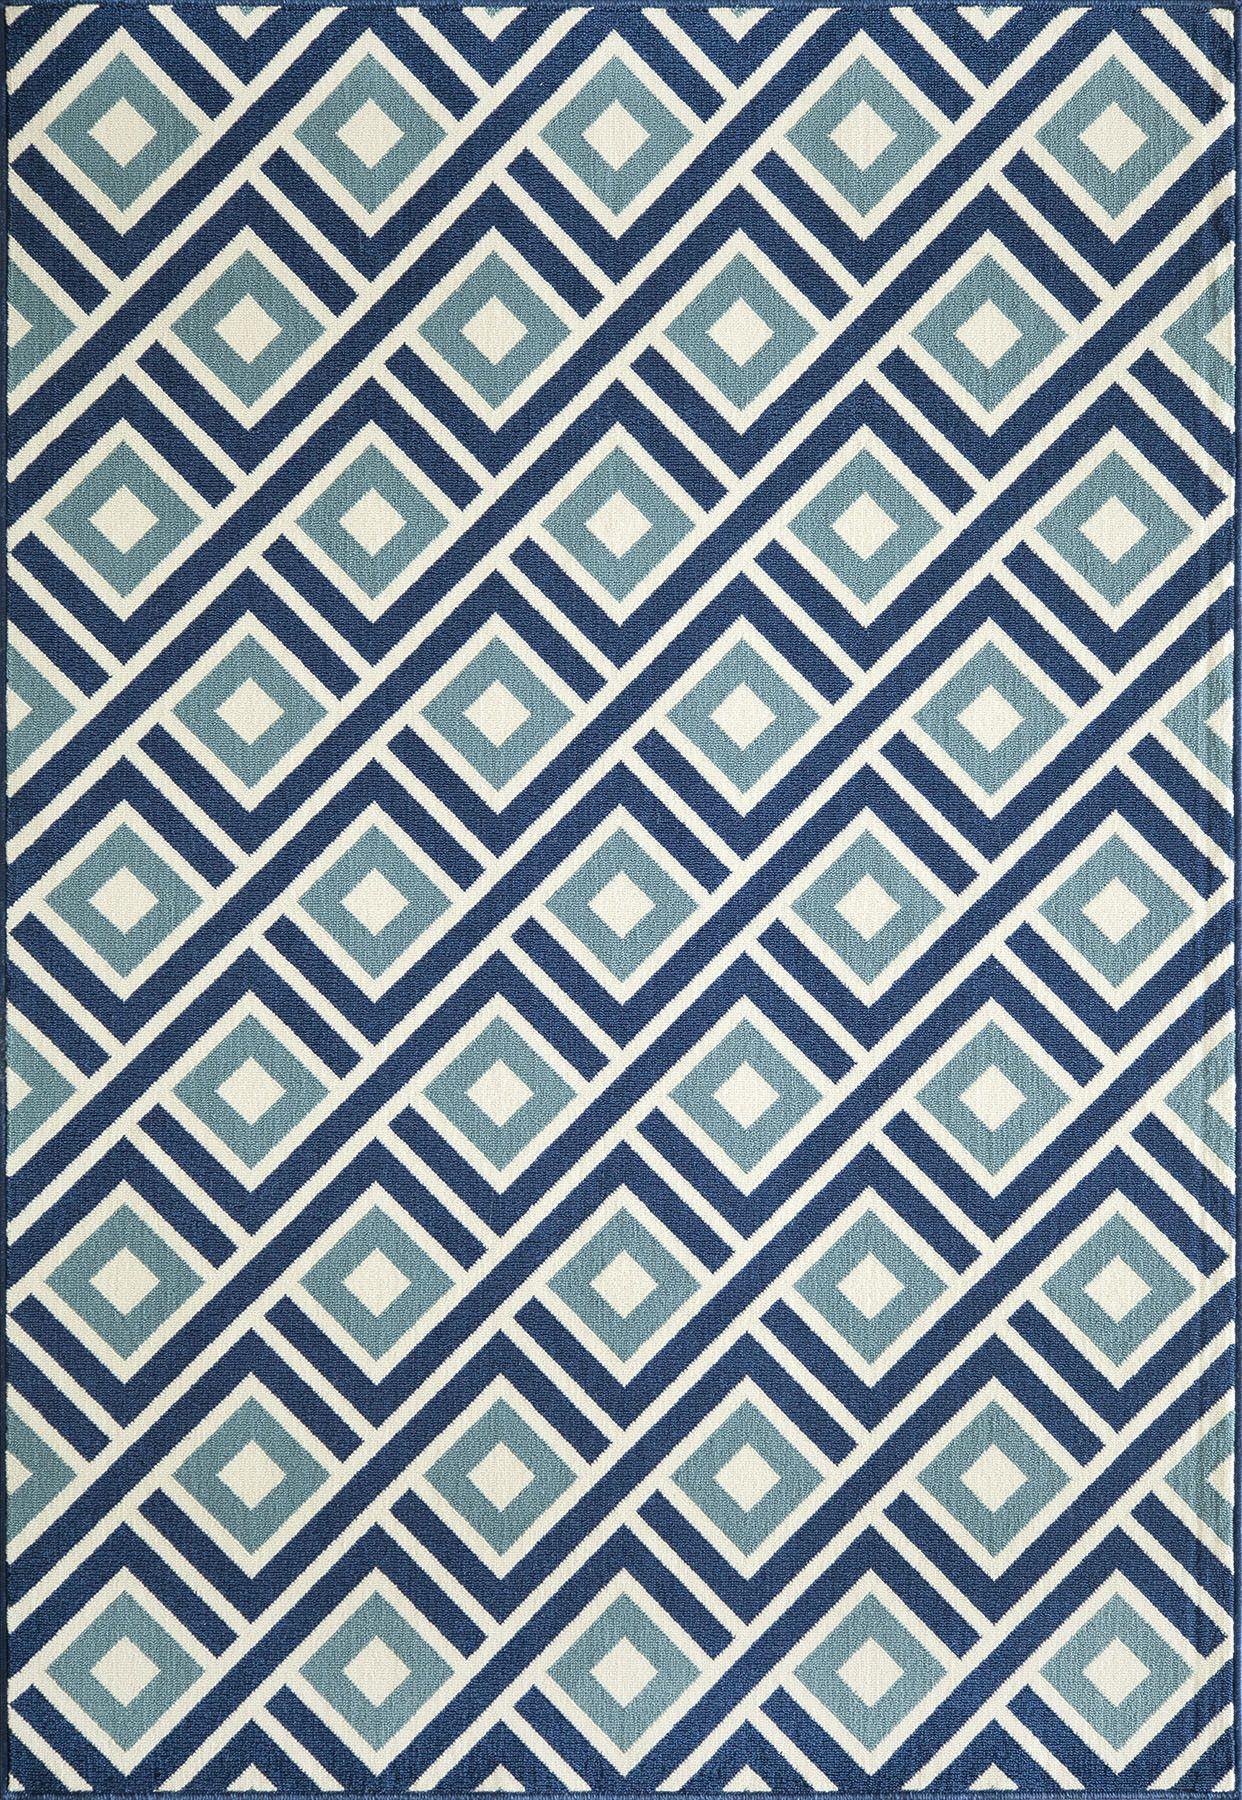 Cadiz blue indooroutdoor area rug blue rugs and area rugs cadiz blue indooroutdoor area rug baanklon Gallery